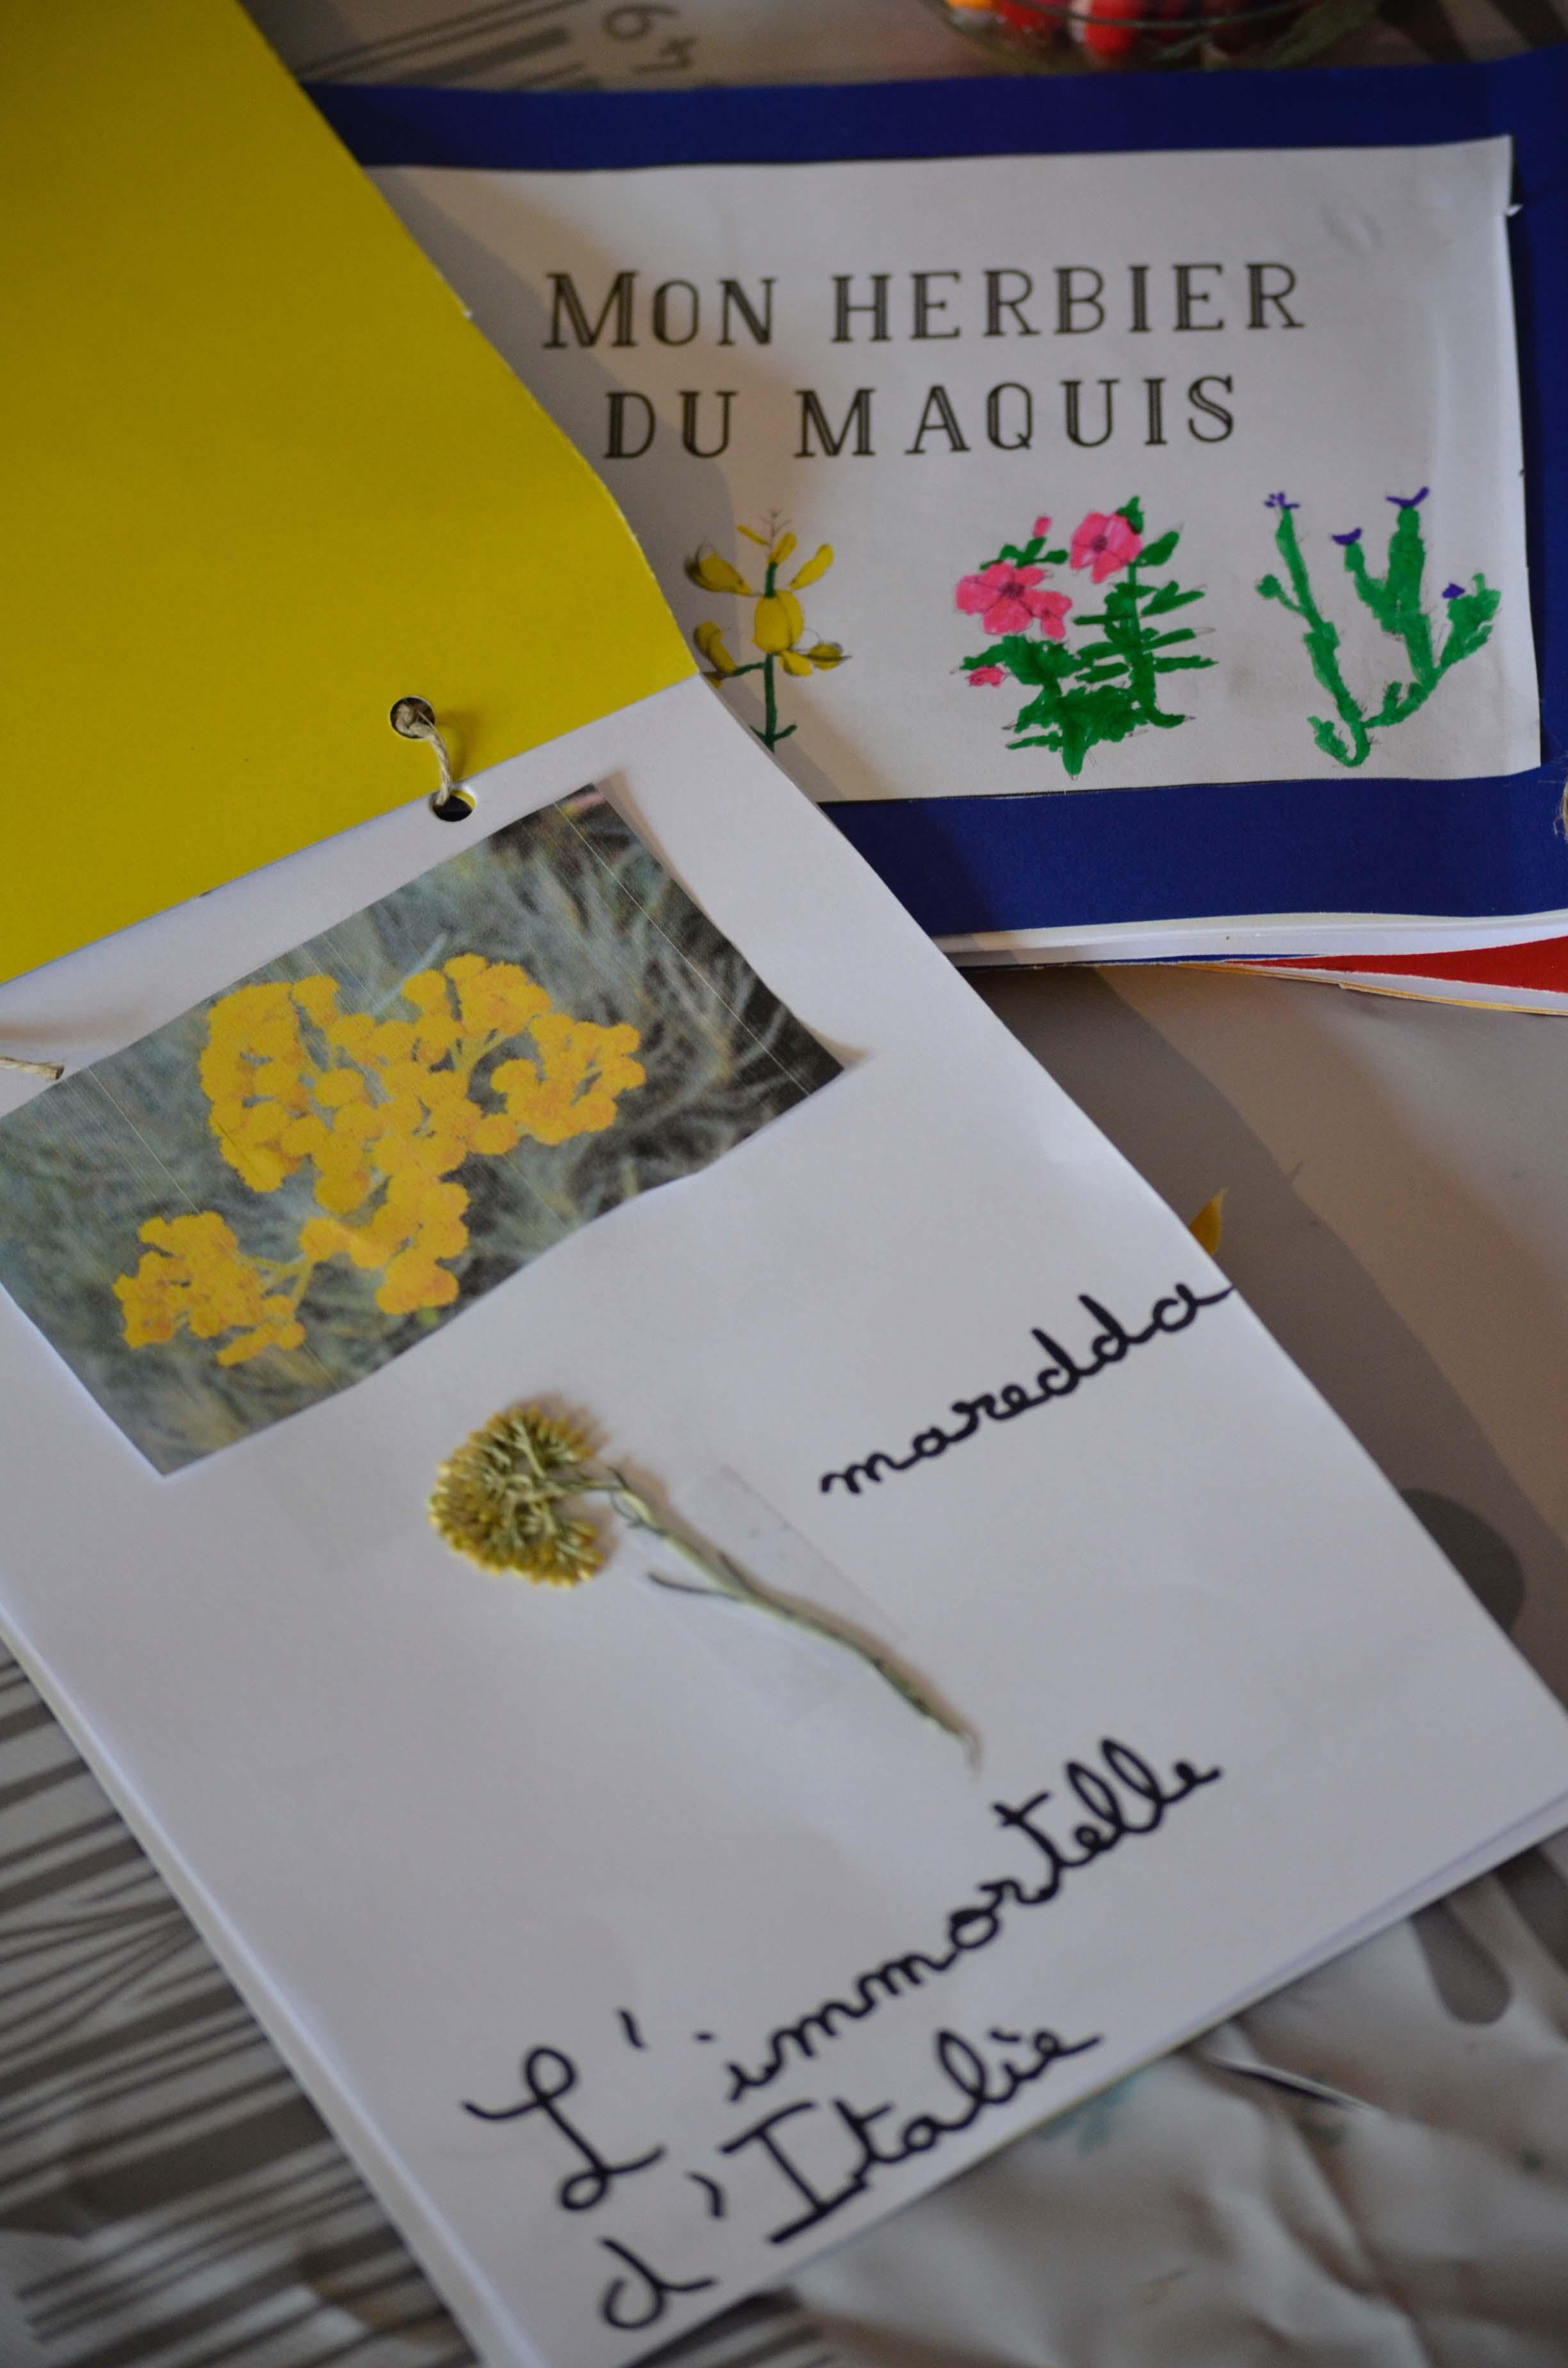 L'herbier du maquis